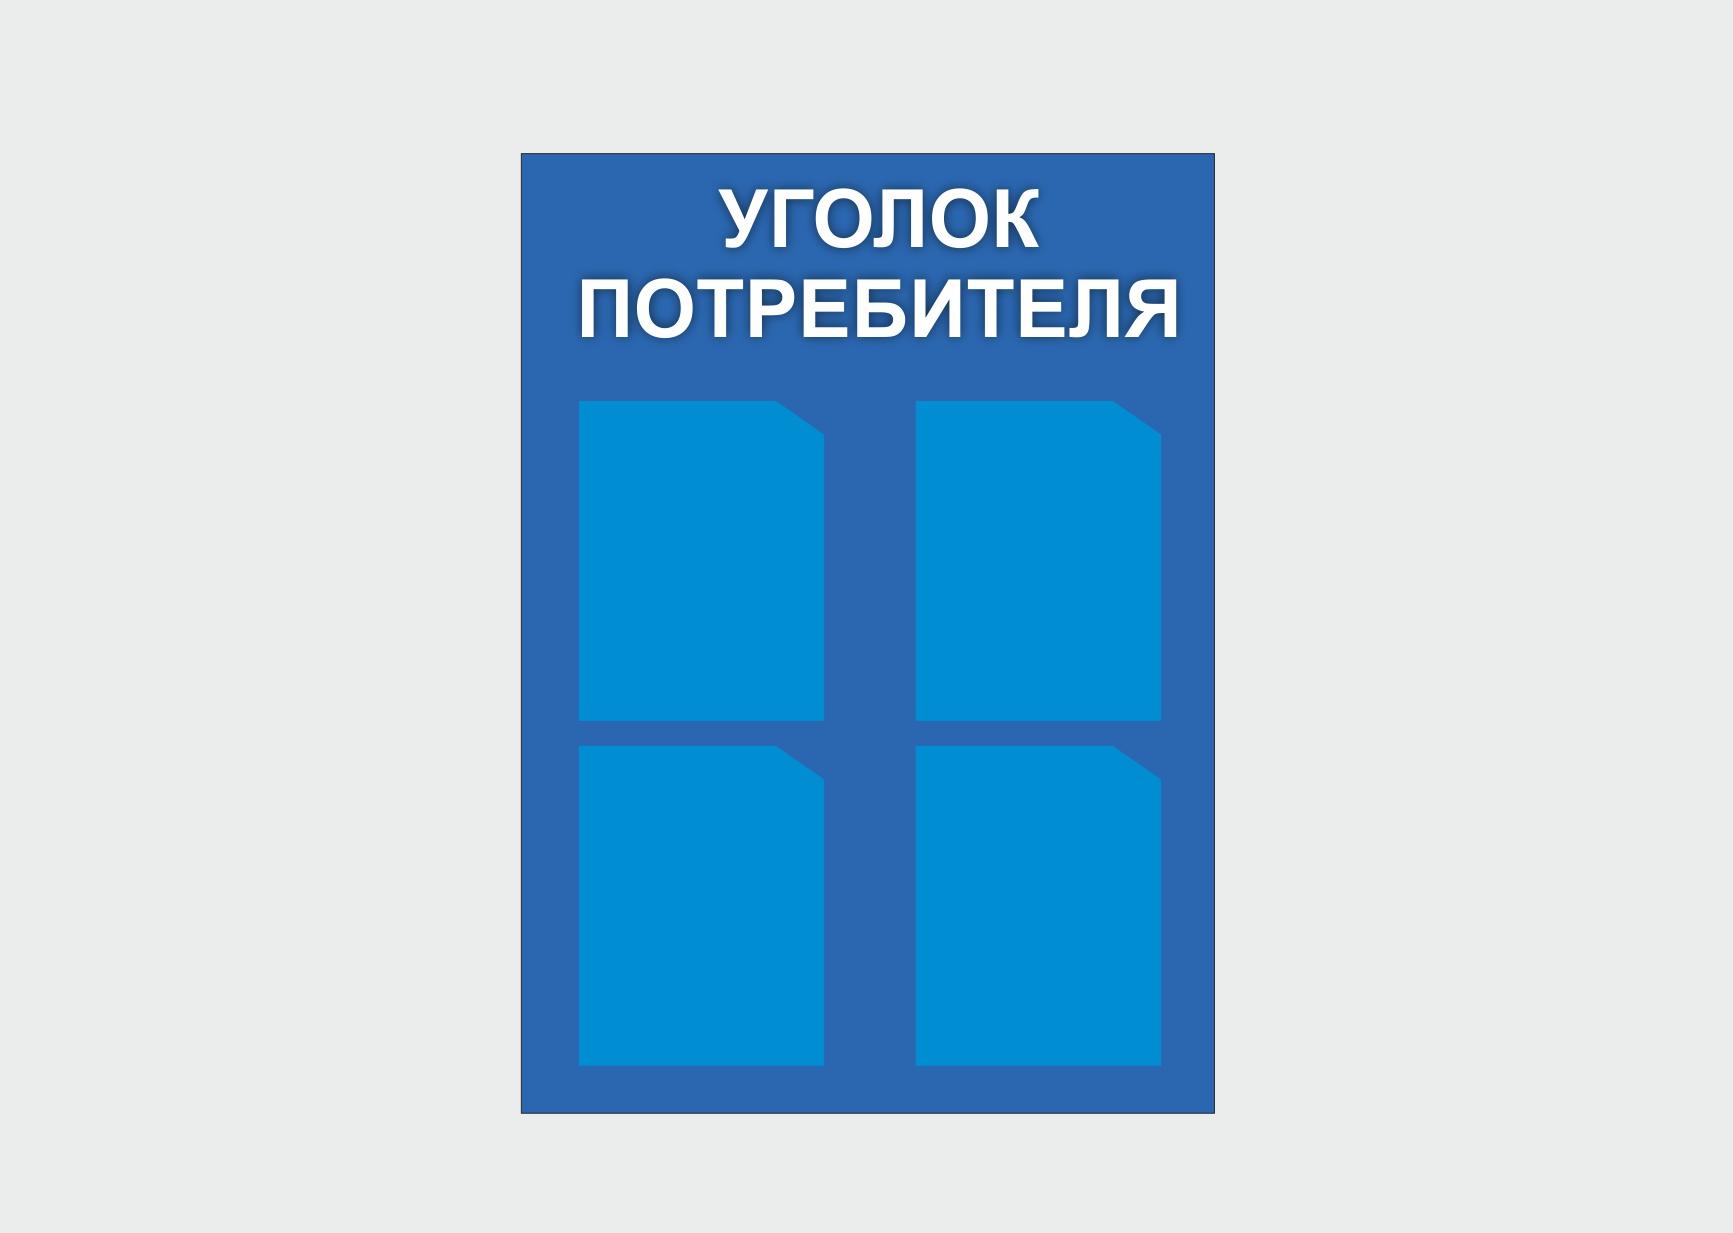 УГОЛОК ПОТРЕБИТЕЛЯ 3000р